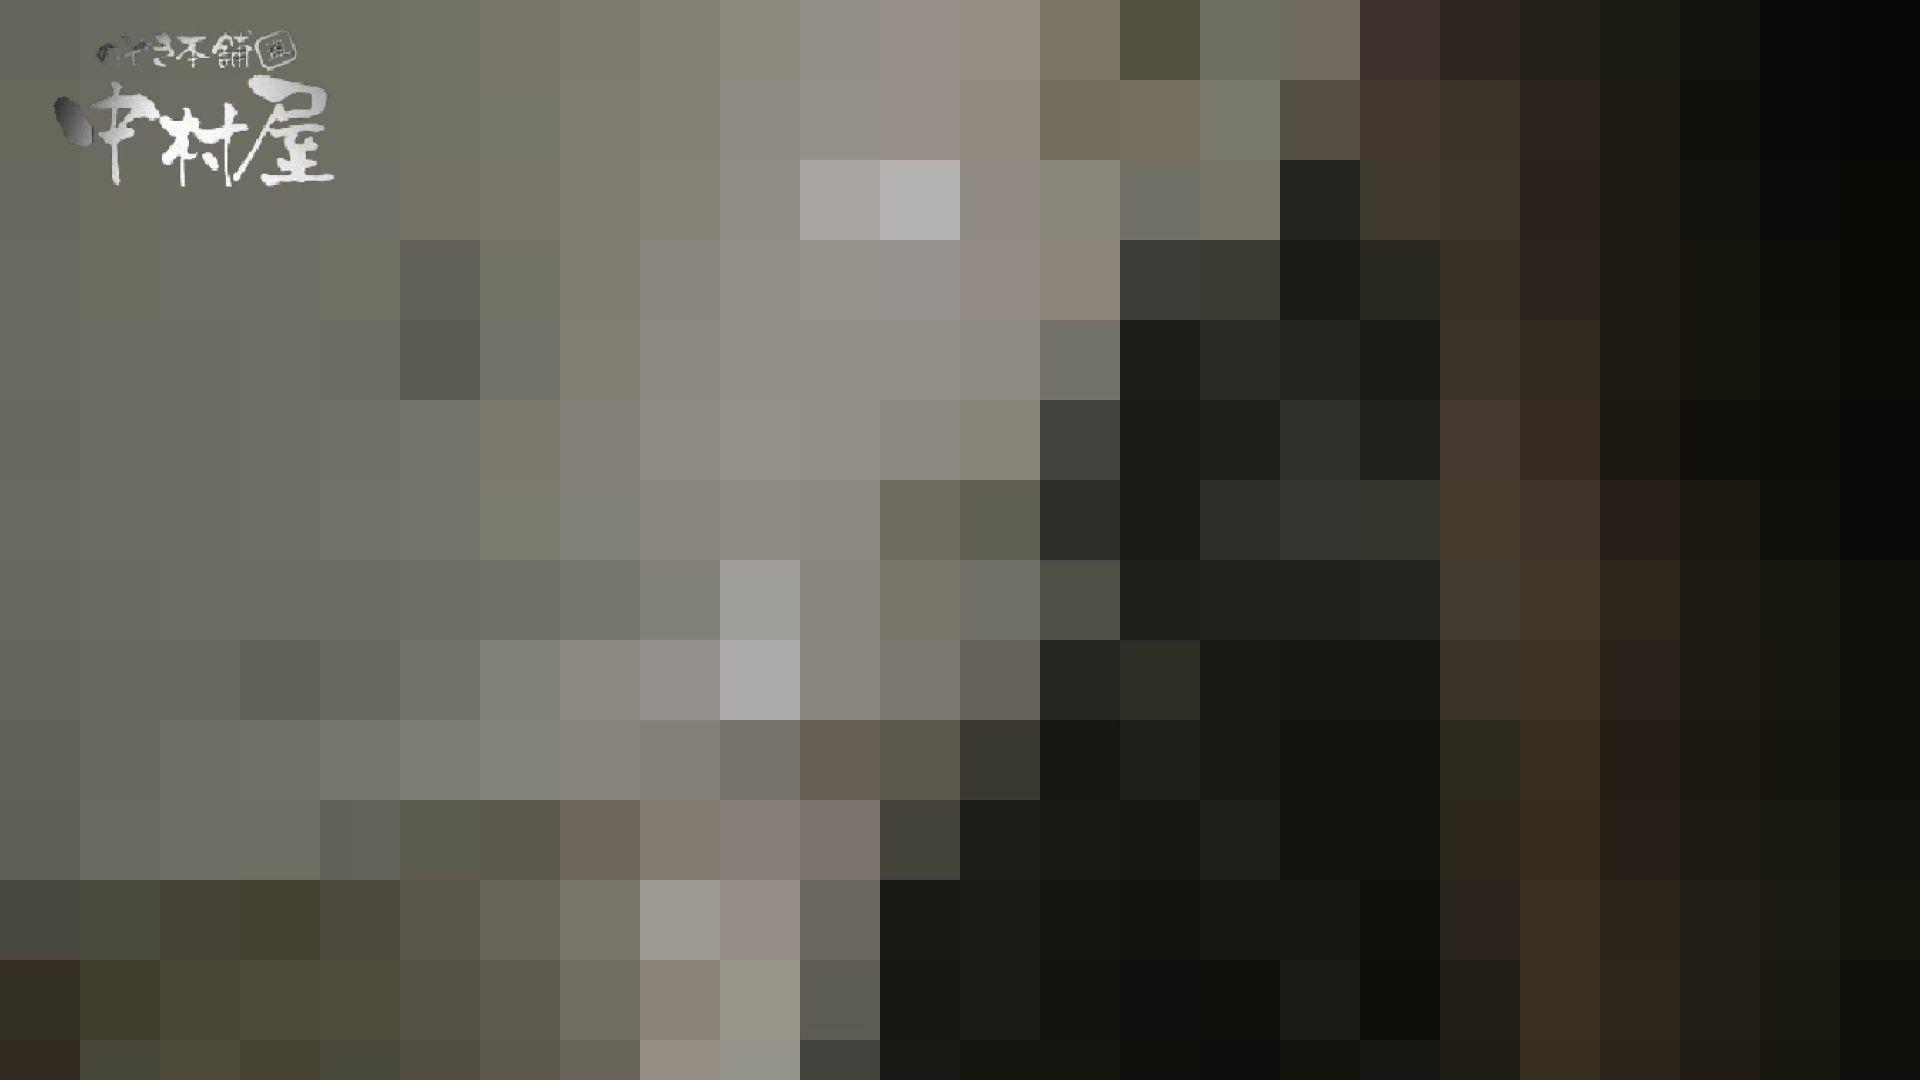 【世界の射窓から】世界の射窓から vol.18後編 洗面所編  102PIX 14